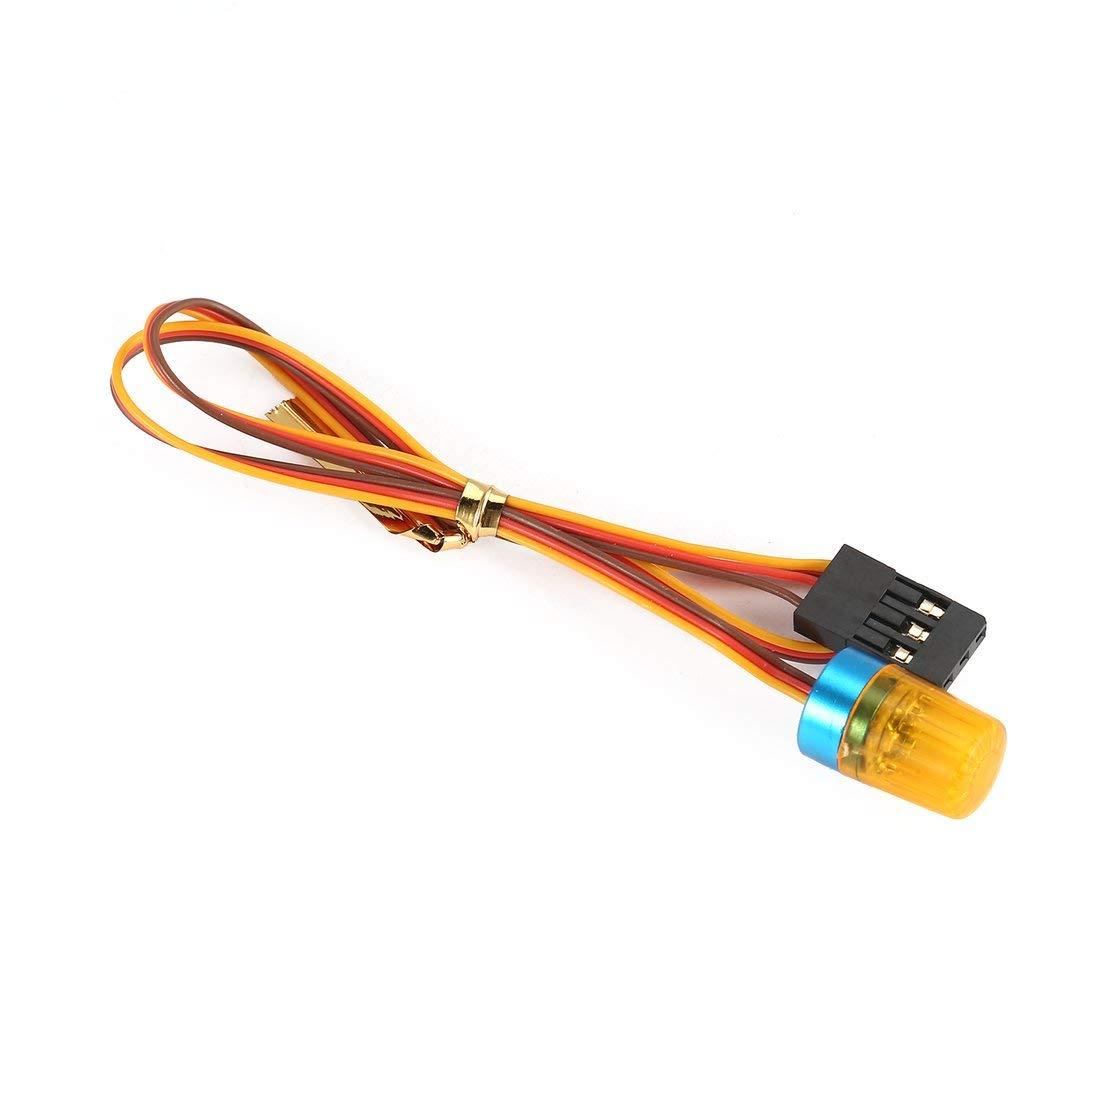 LouiseEvel215 AX-511 Circular Ultra Brillante Luz LED Estrobosc/ópico-destellando Modo de rotaci/ón r/ápida-Lenta RC Polic/ía Ambulancia contra Incendios Coche